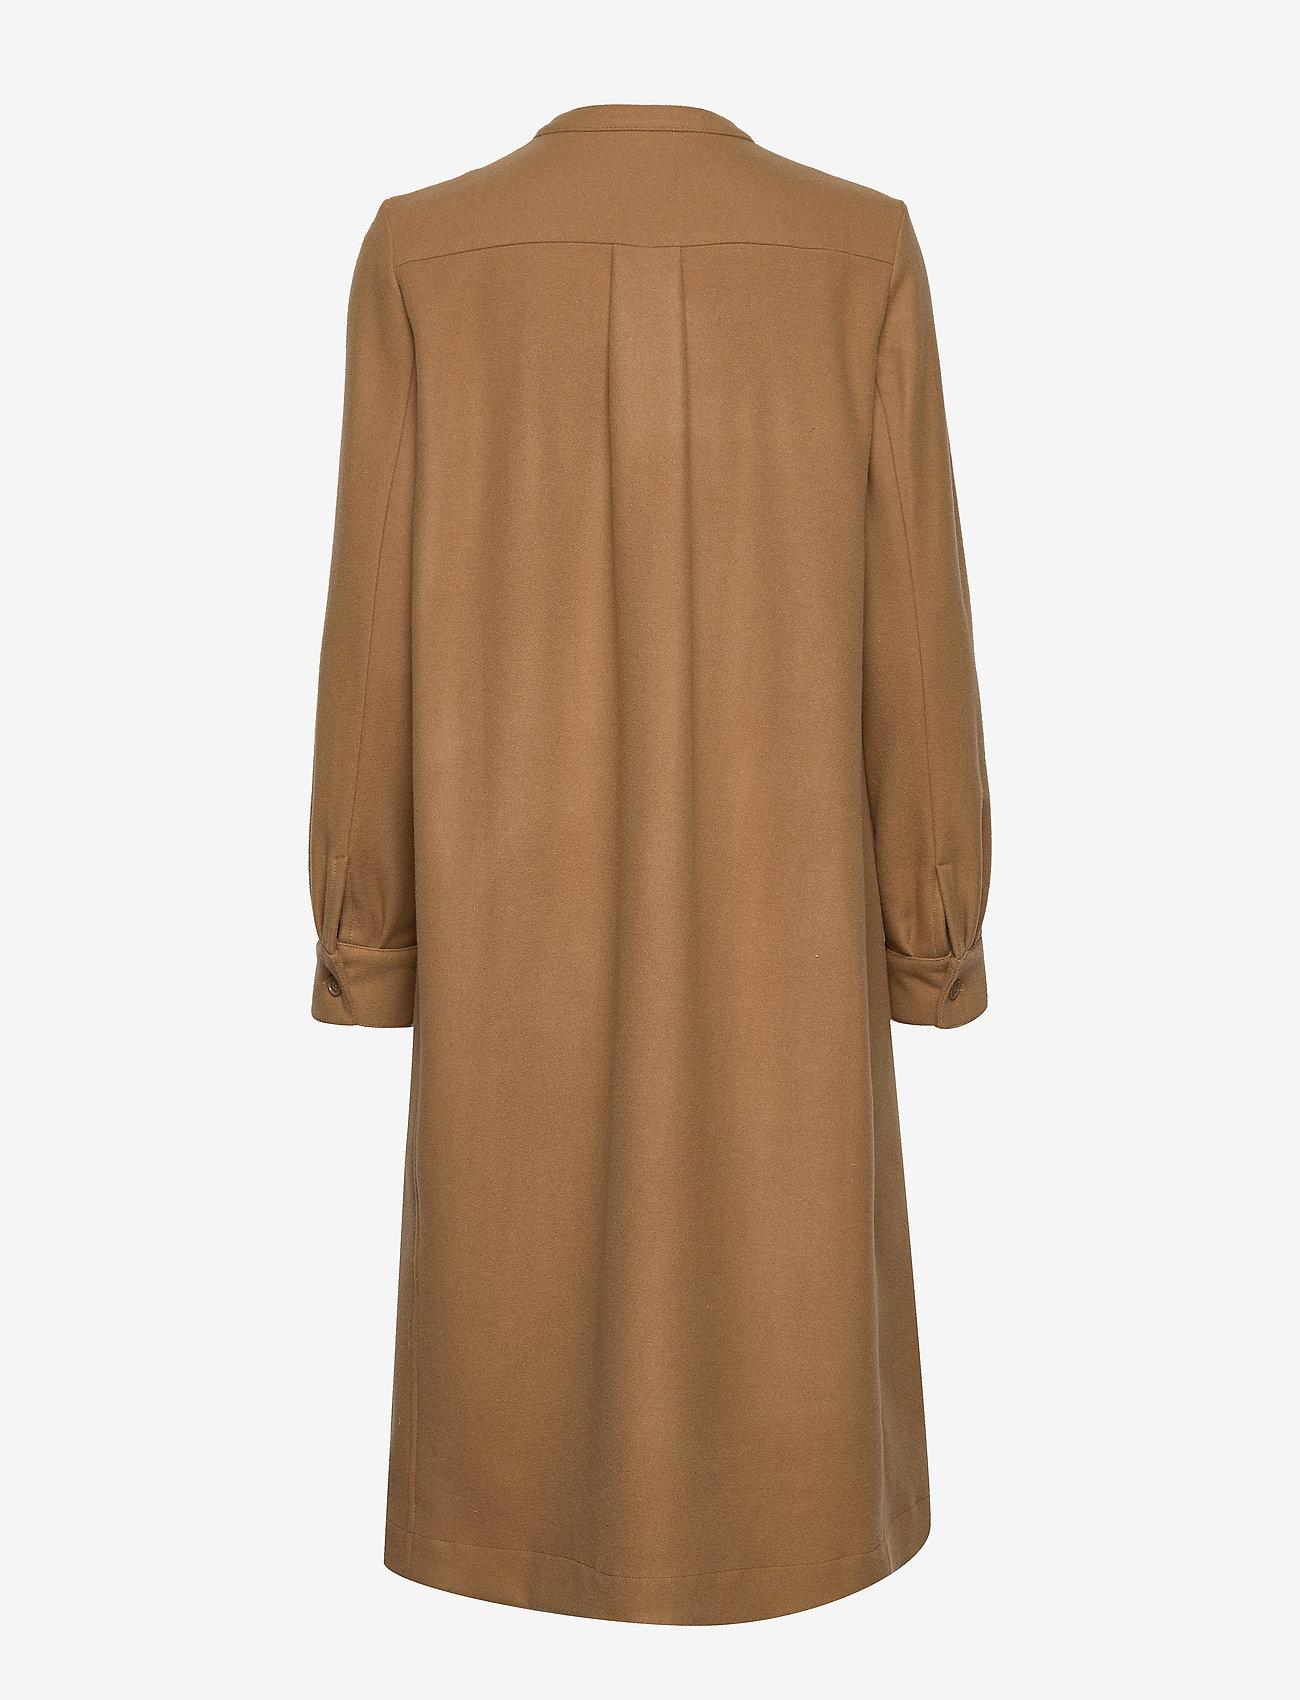 Paula Dress (Camel) (2577 kr) - Lovechild 1979